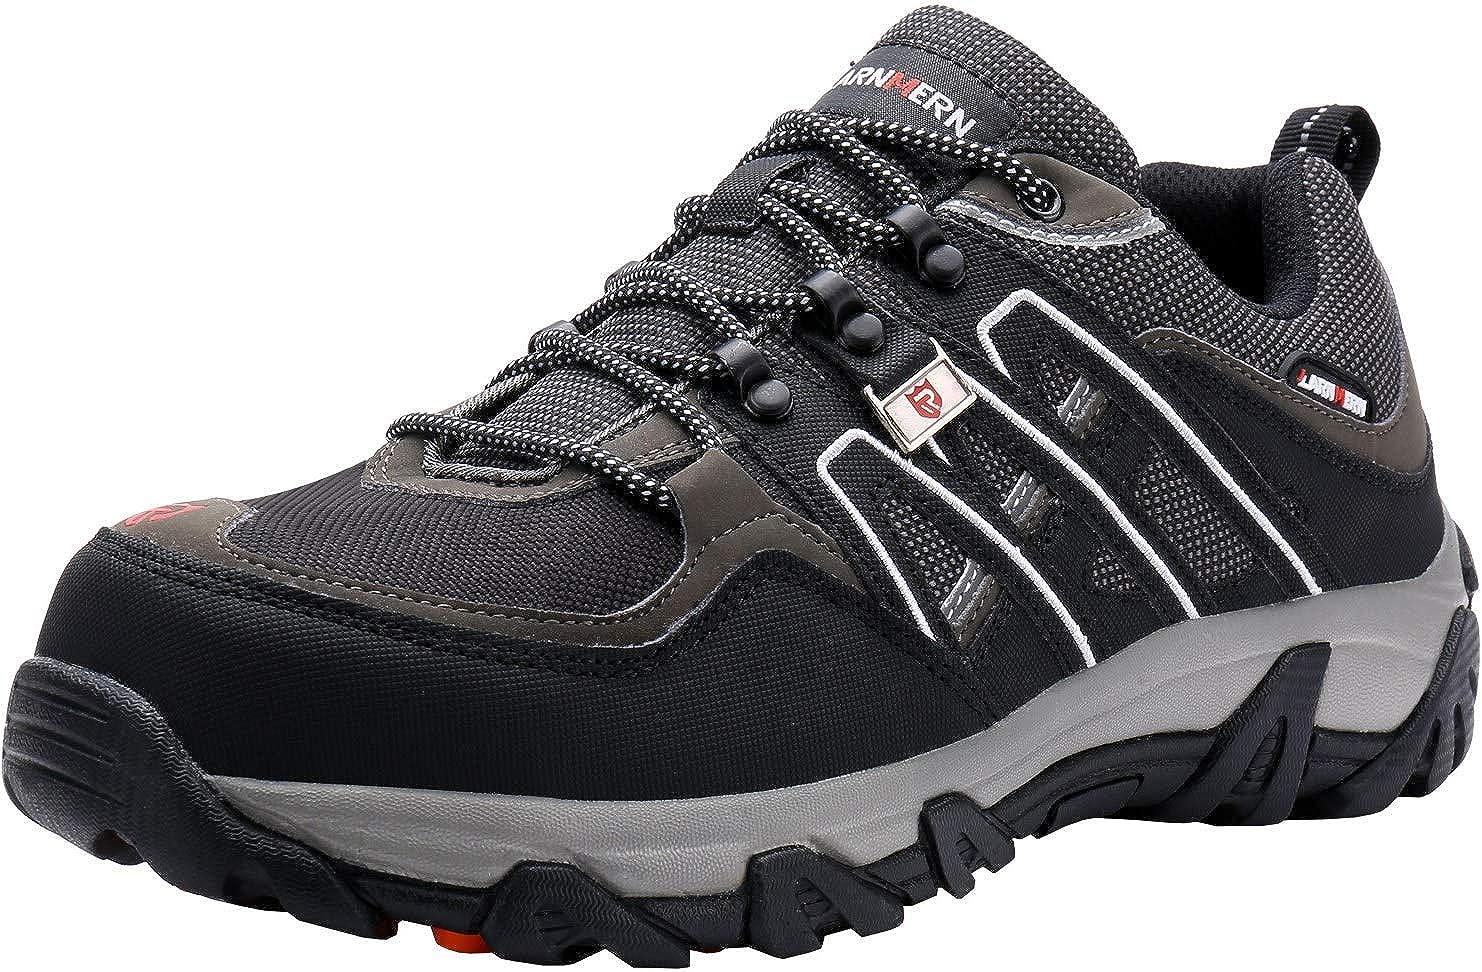 LARNMERN Chaussures de Sécurité Homme LM-1505 Embout Acier Semelle Anti-Perforation Acier Chaussures...